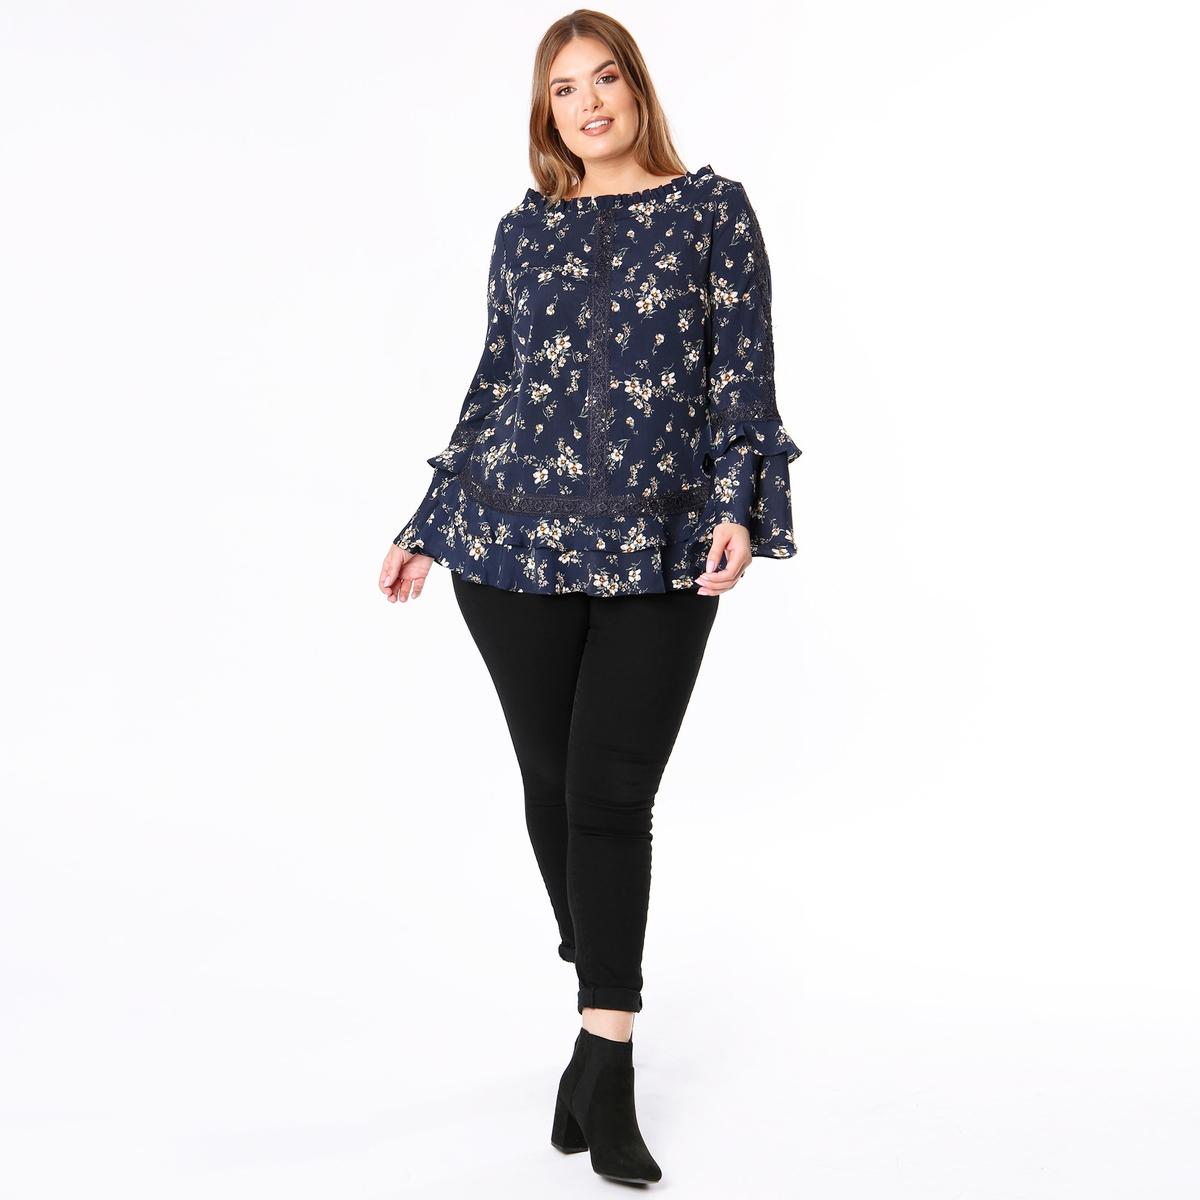 Блузка с круглым вырезом, цветочным рисунком  расклешёнными рукавами